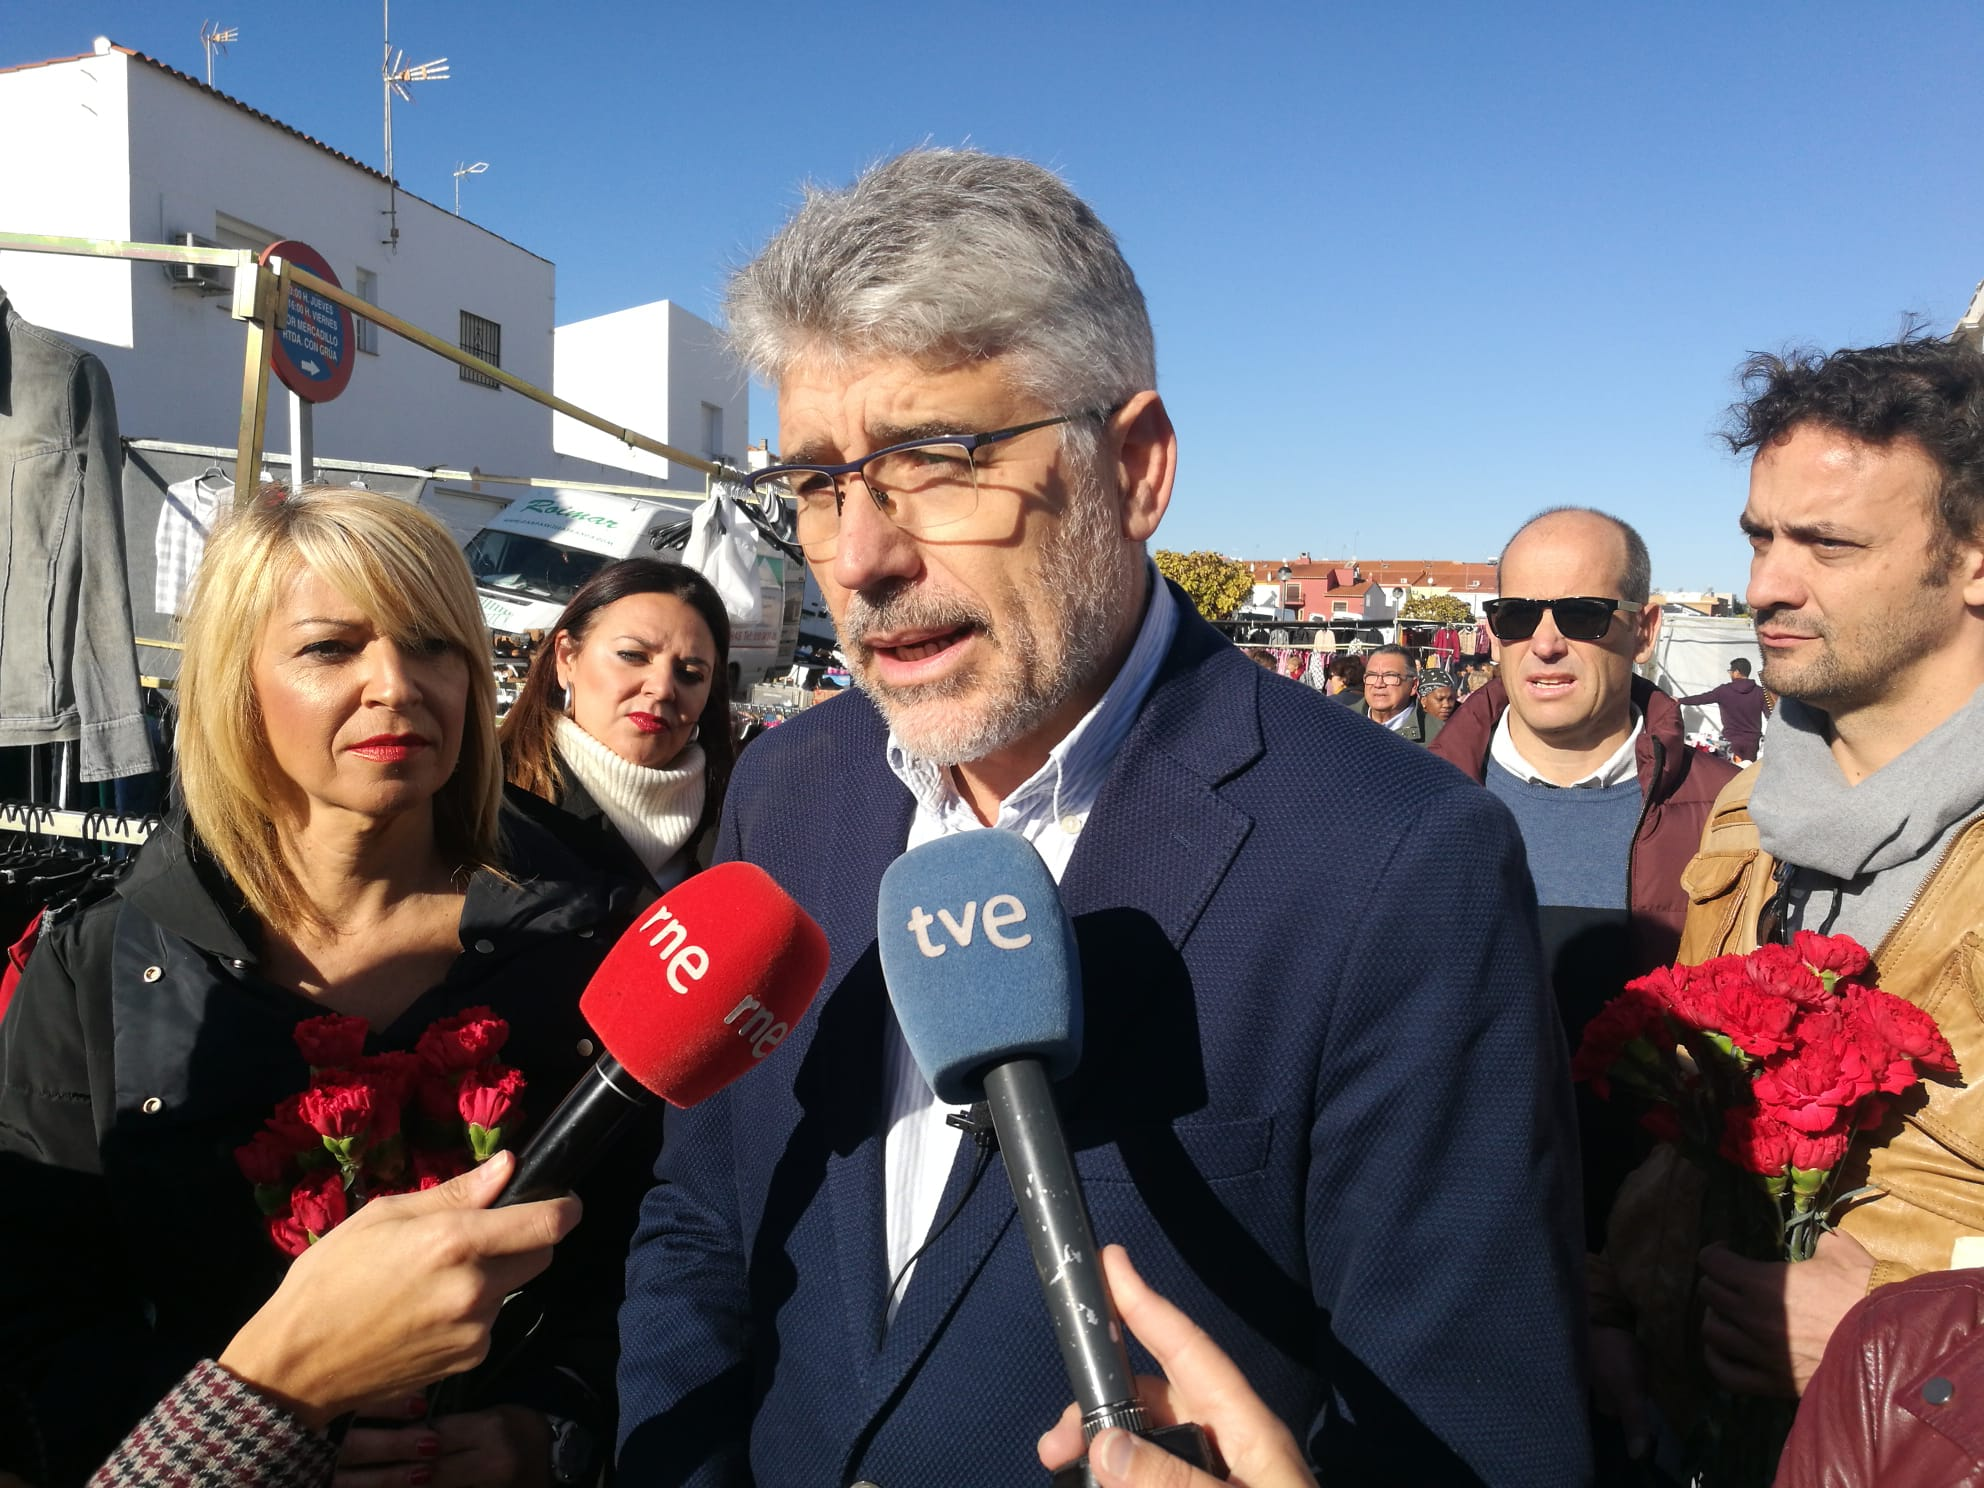 El PSOE apela a la movilización de la izquierda para frenar el domingo a la derecha y a la ultra derecha